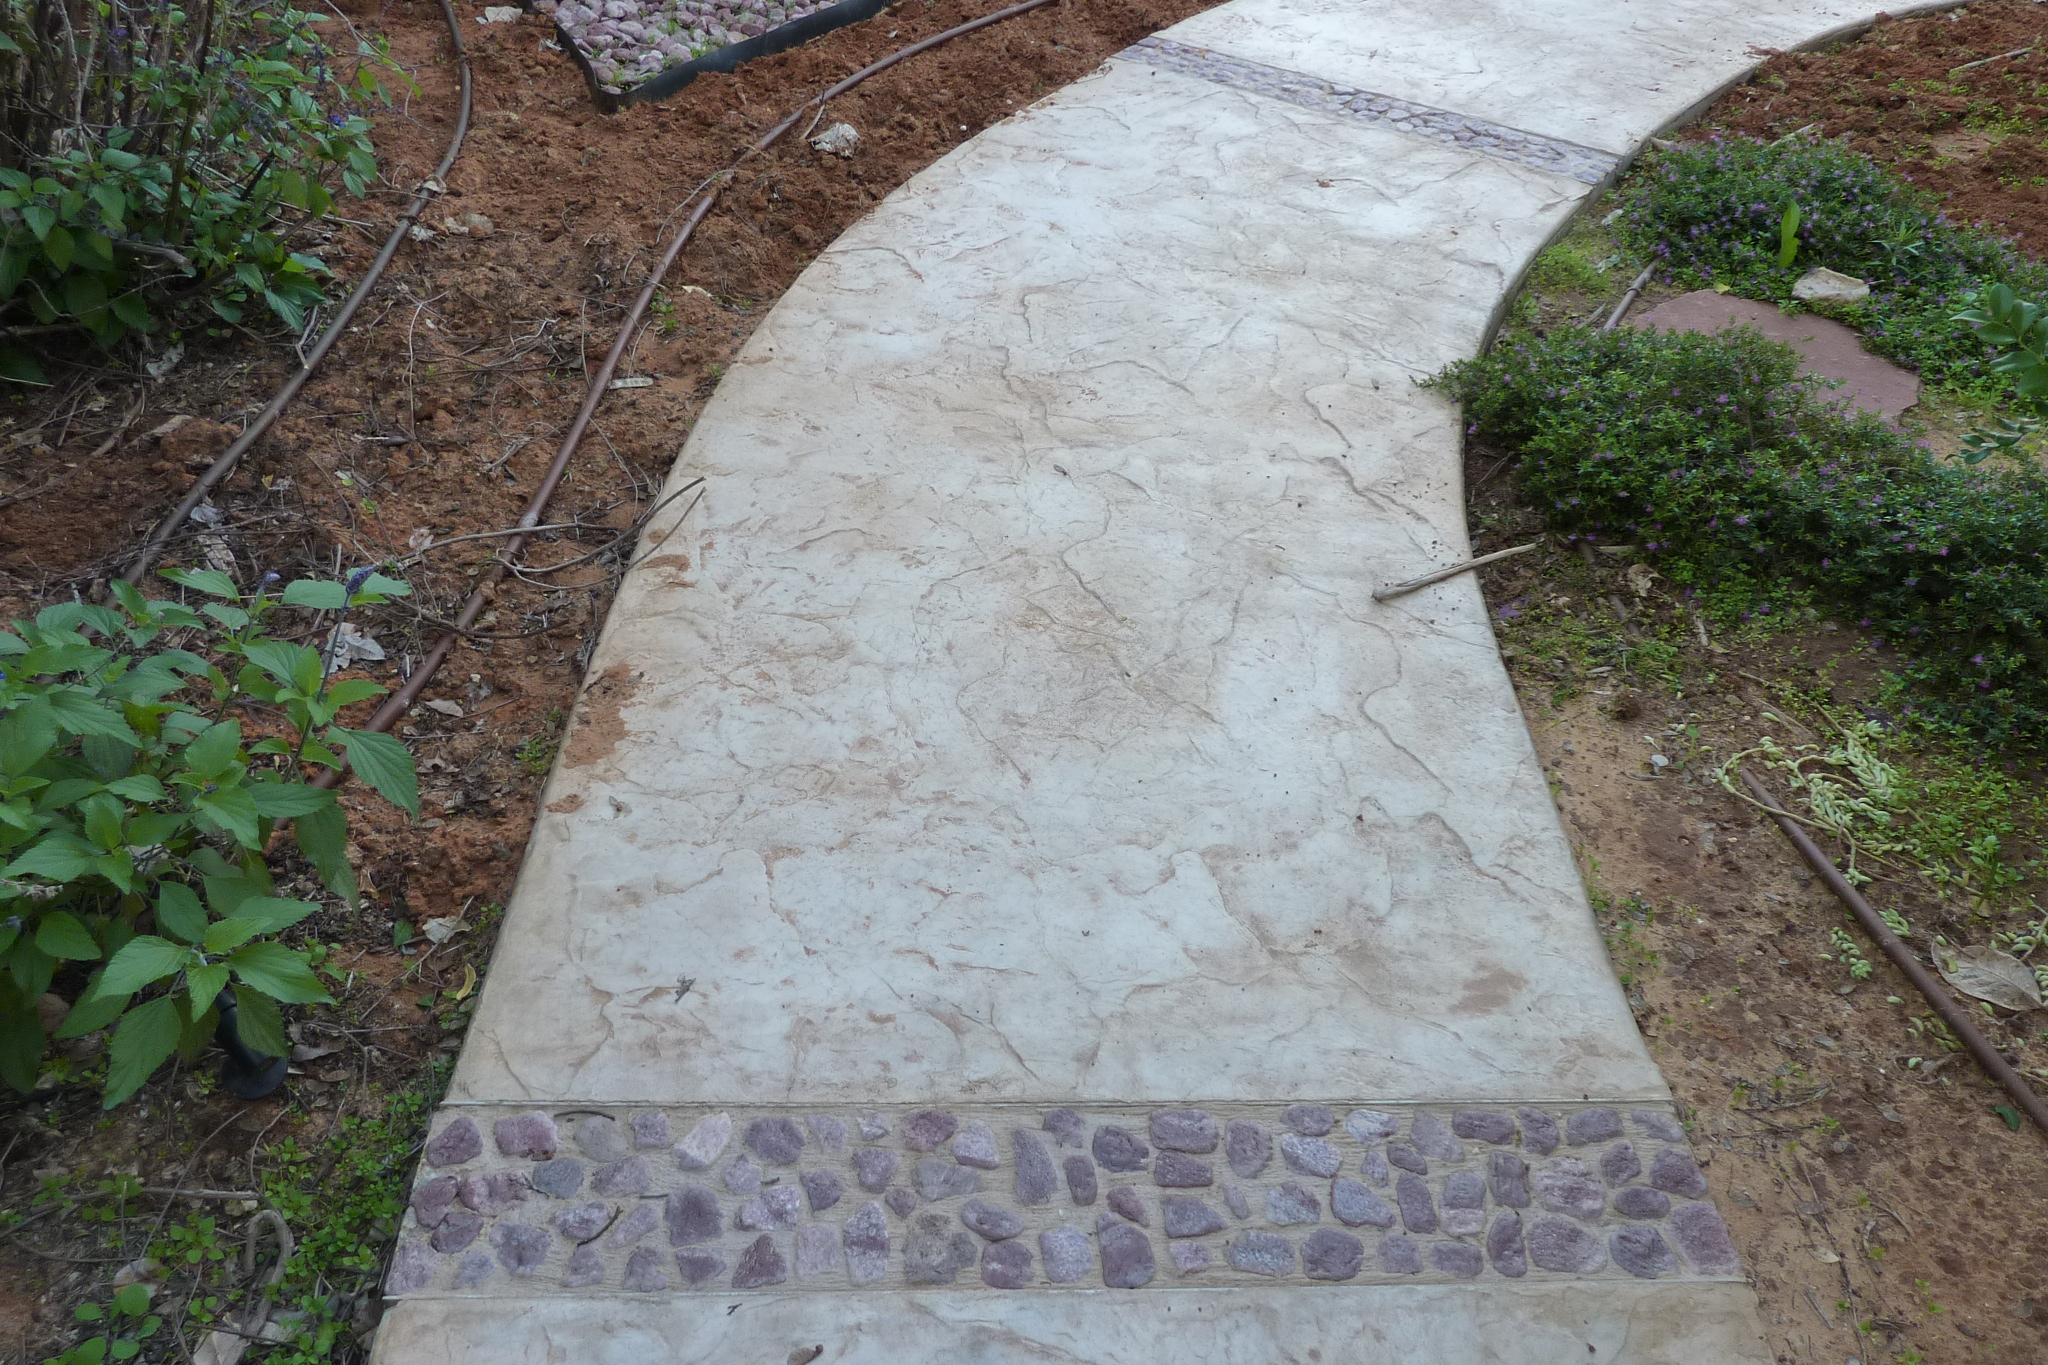 ריצוף בטון מוטבע וחלוקי נחל מוטבעים בבטון